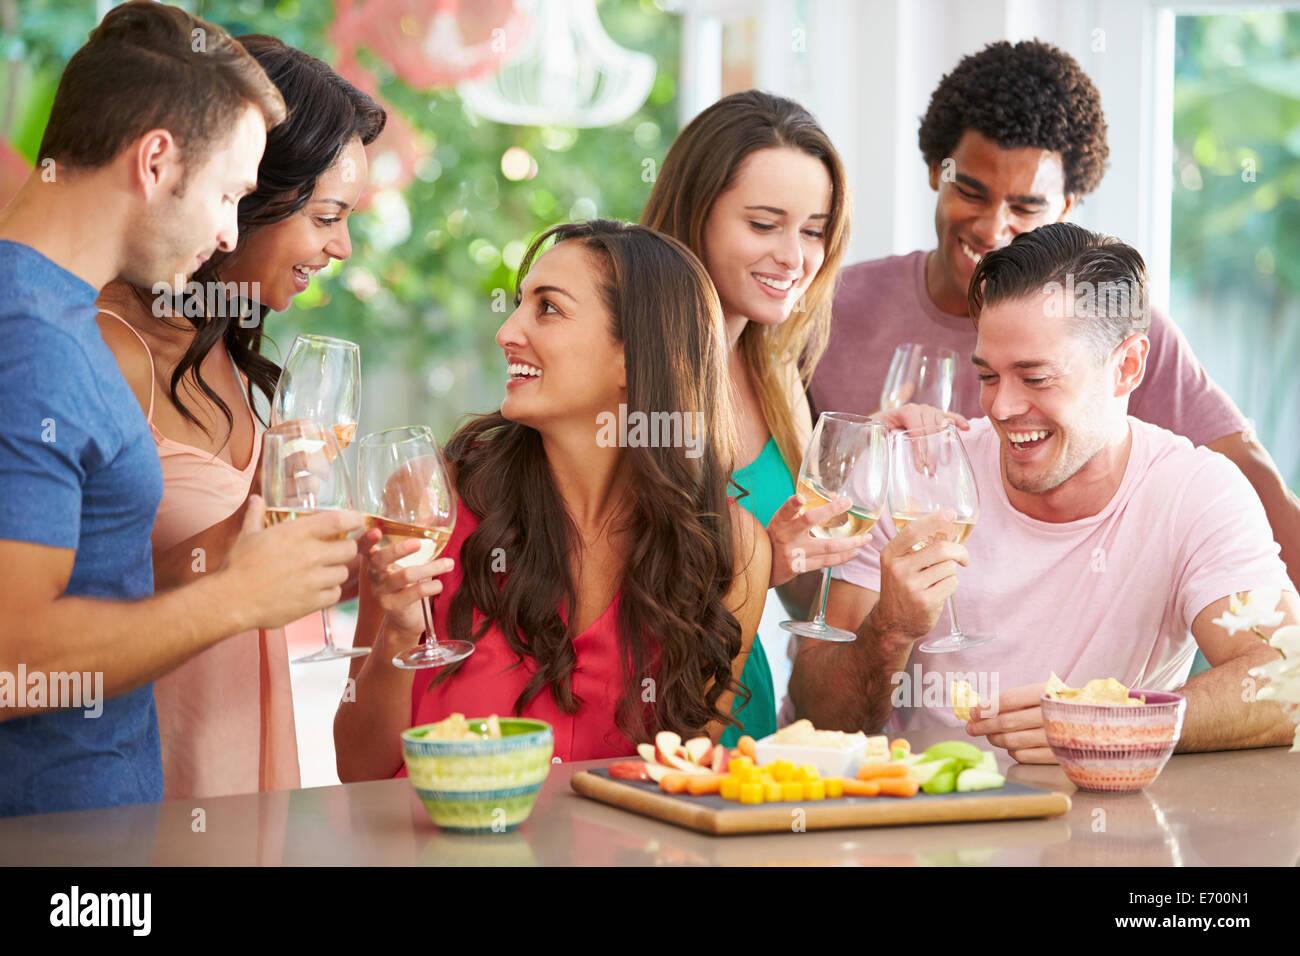 Gruppe von Freunden genießen Getränke Party zu Hause